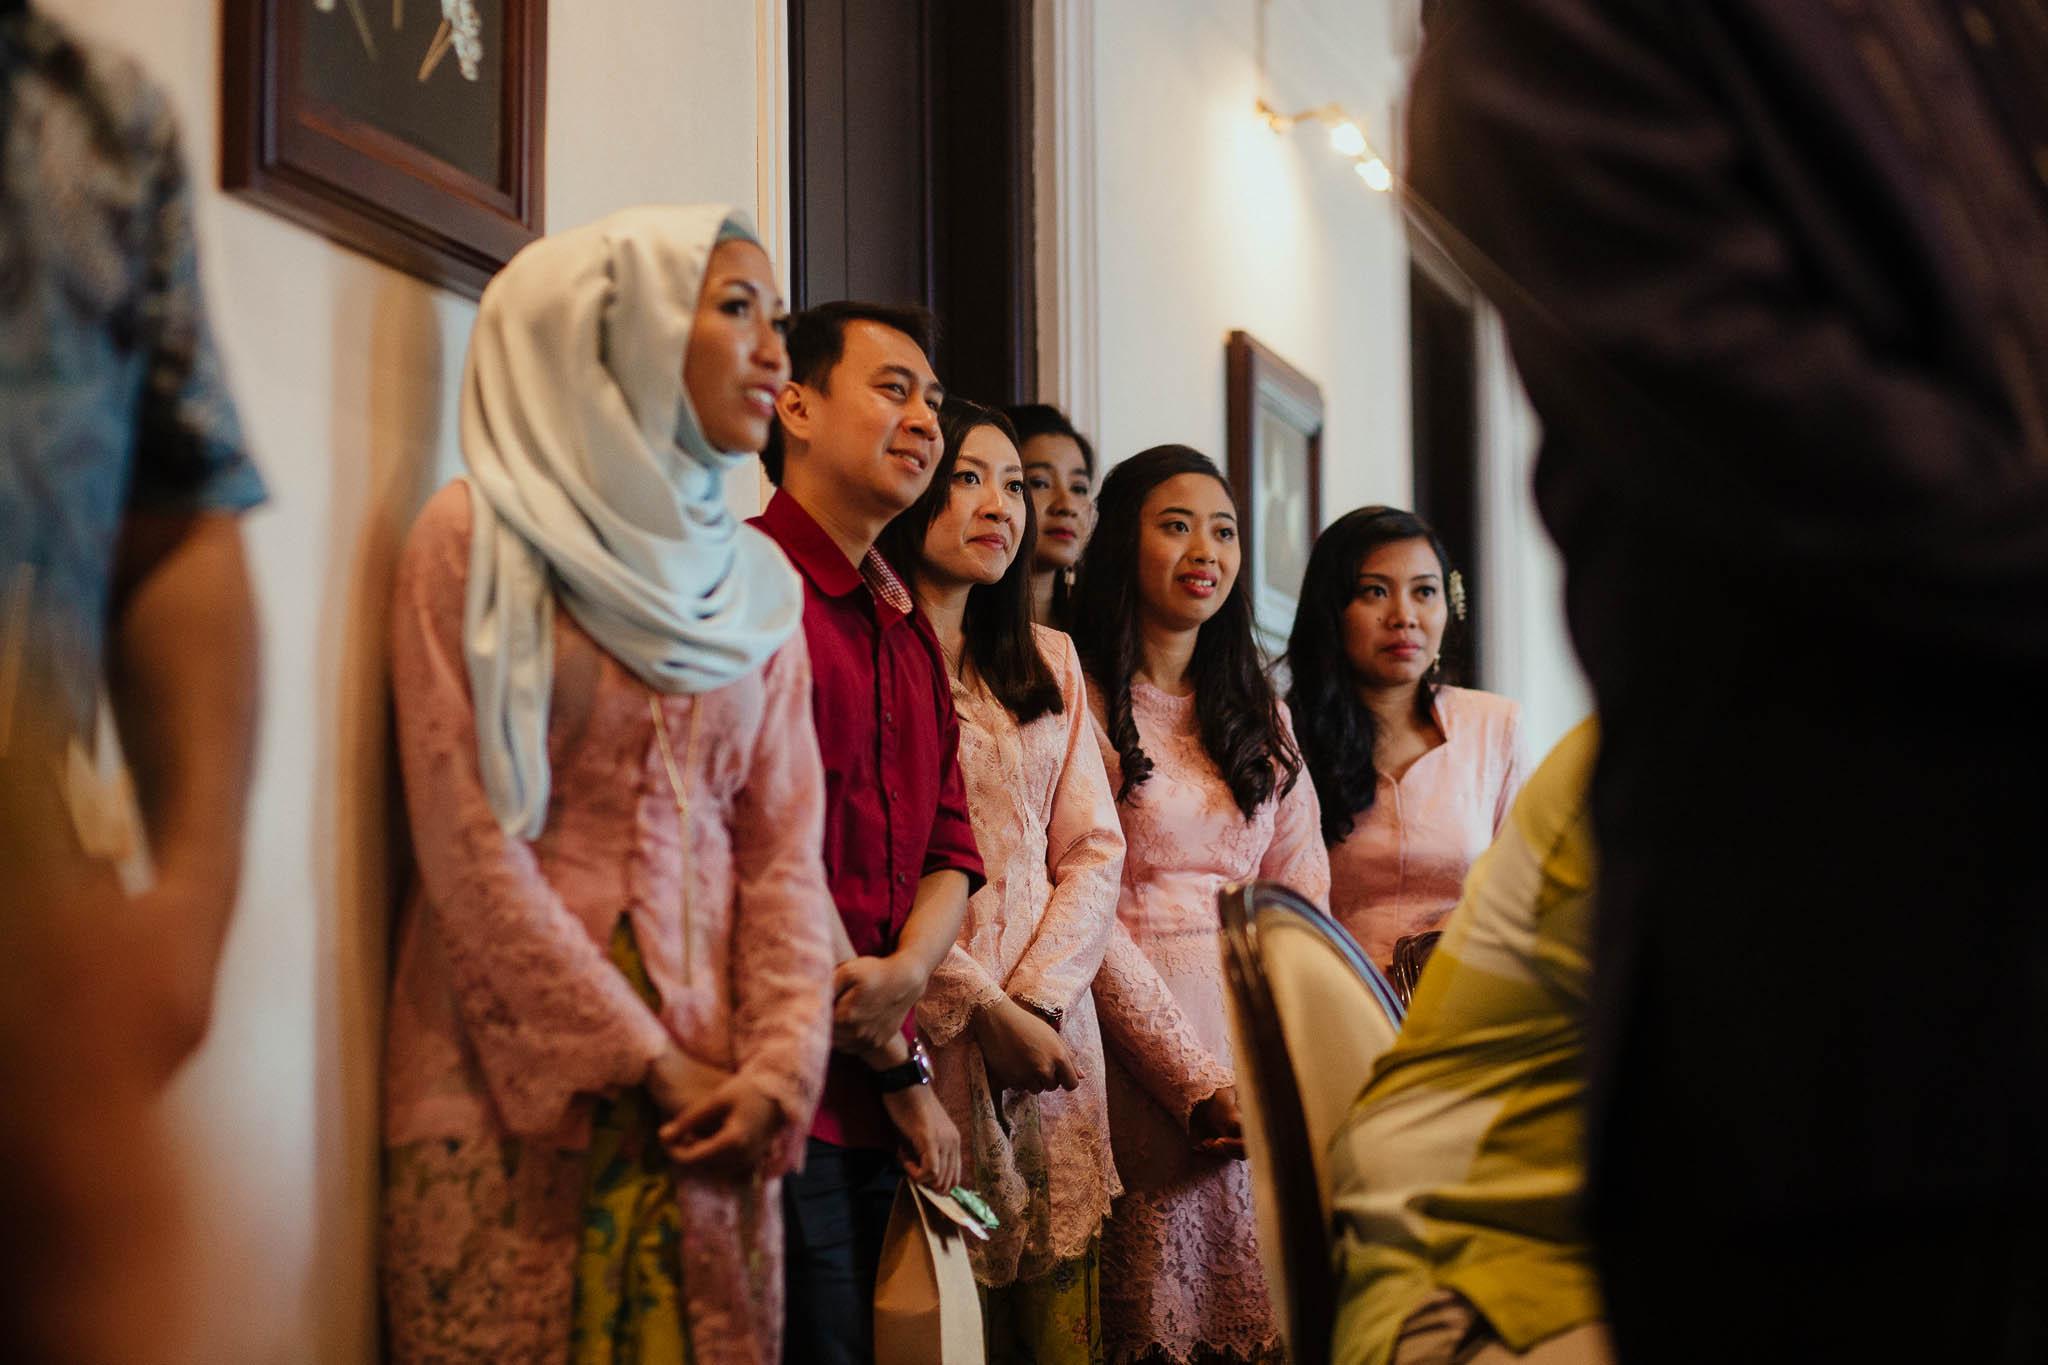 singapore-wedding-photographer-travel-wemadethese-atara-hafizah-64.jpg